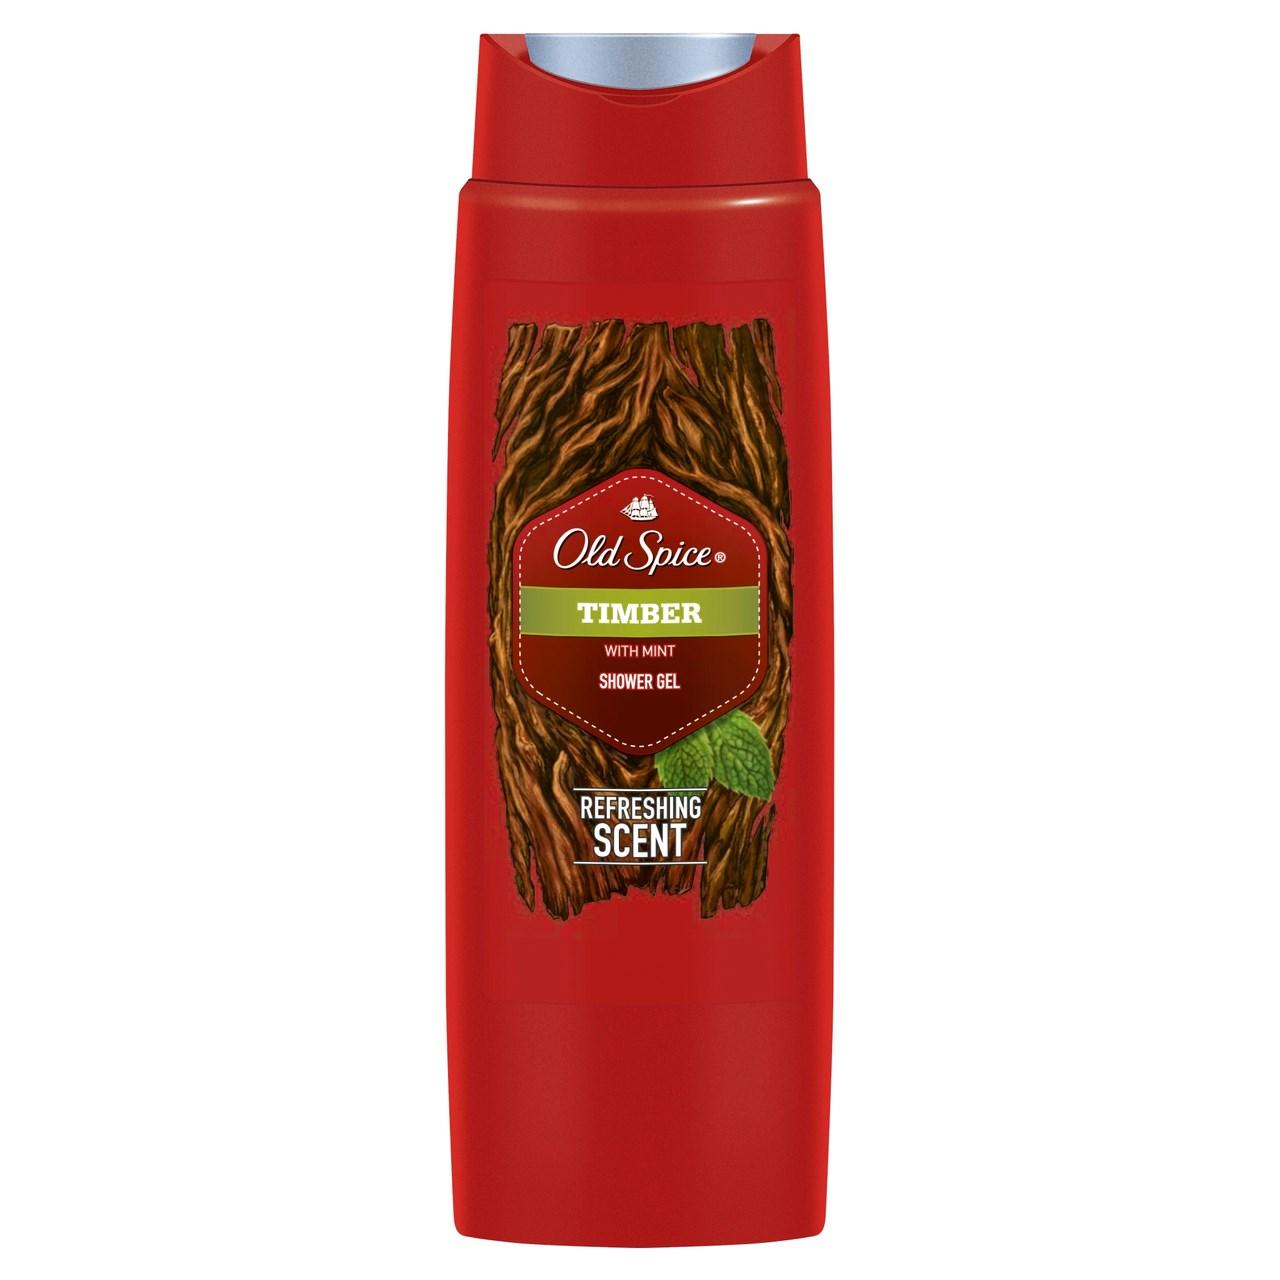 Old Spice Timber sprchový gél 1x250 ml